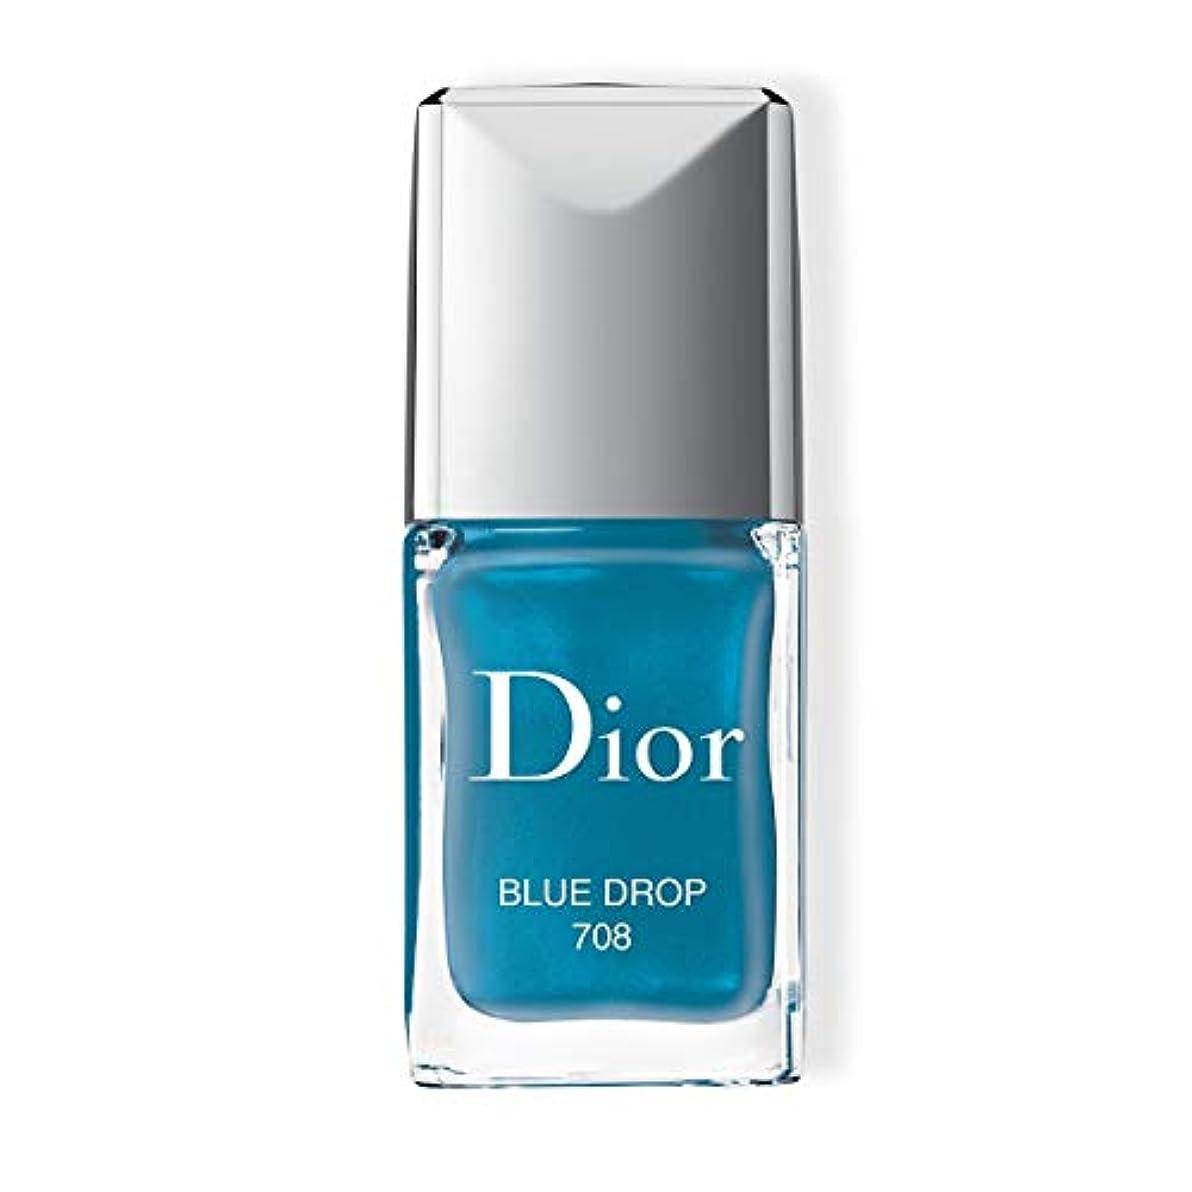 熱意健全きらめきDior(ディオール) ディオール ヴェルニ (708 ブルー ドロップ)